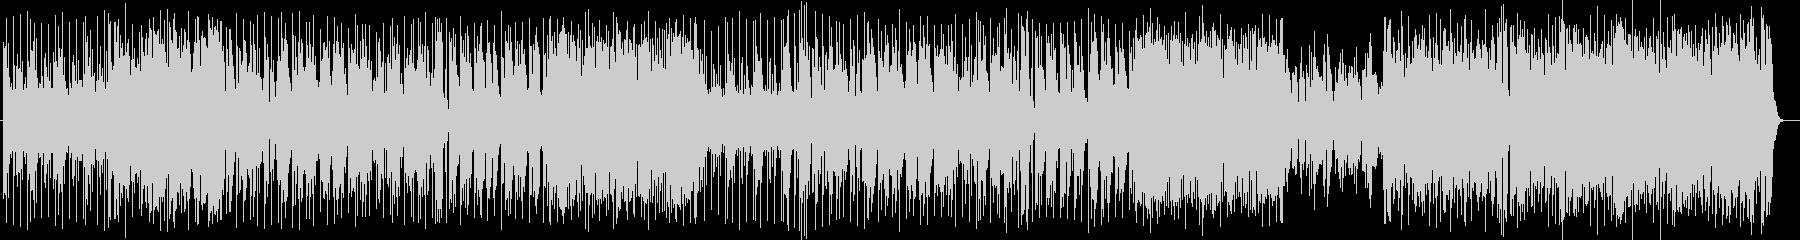 スタイリッシュなジャズロックの未再生の波形